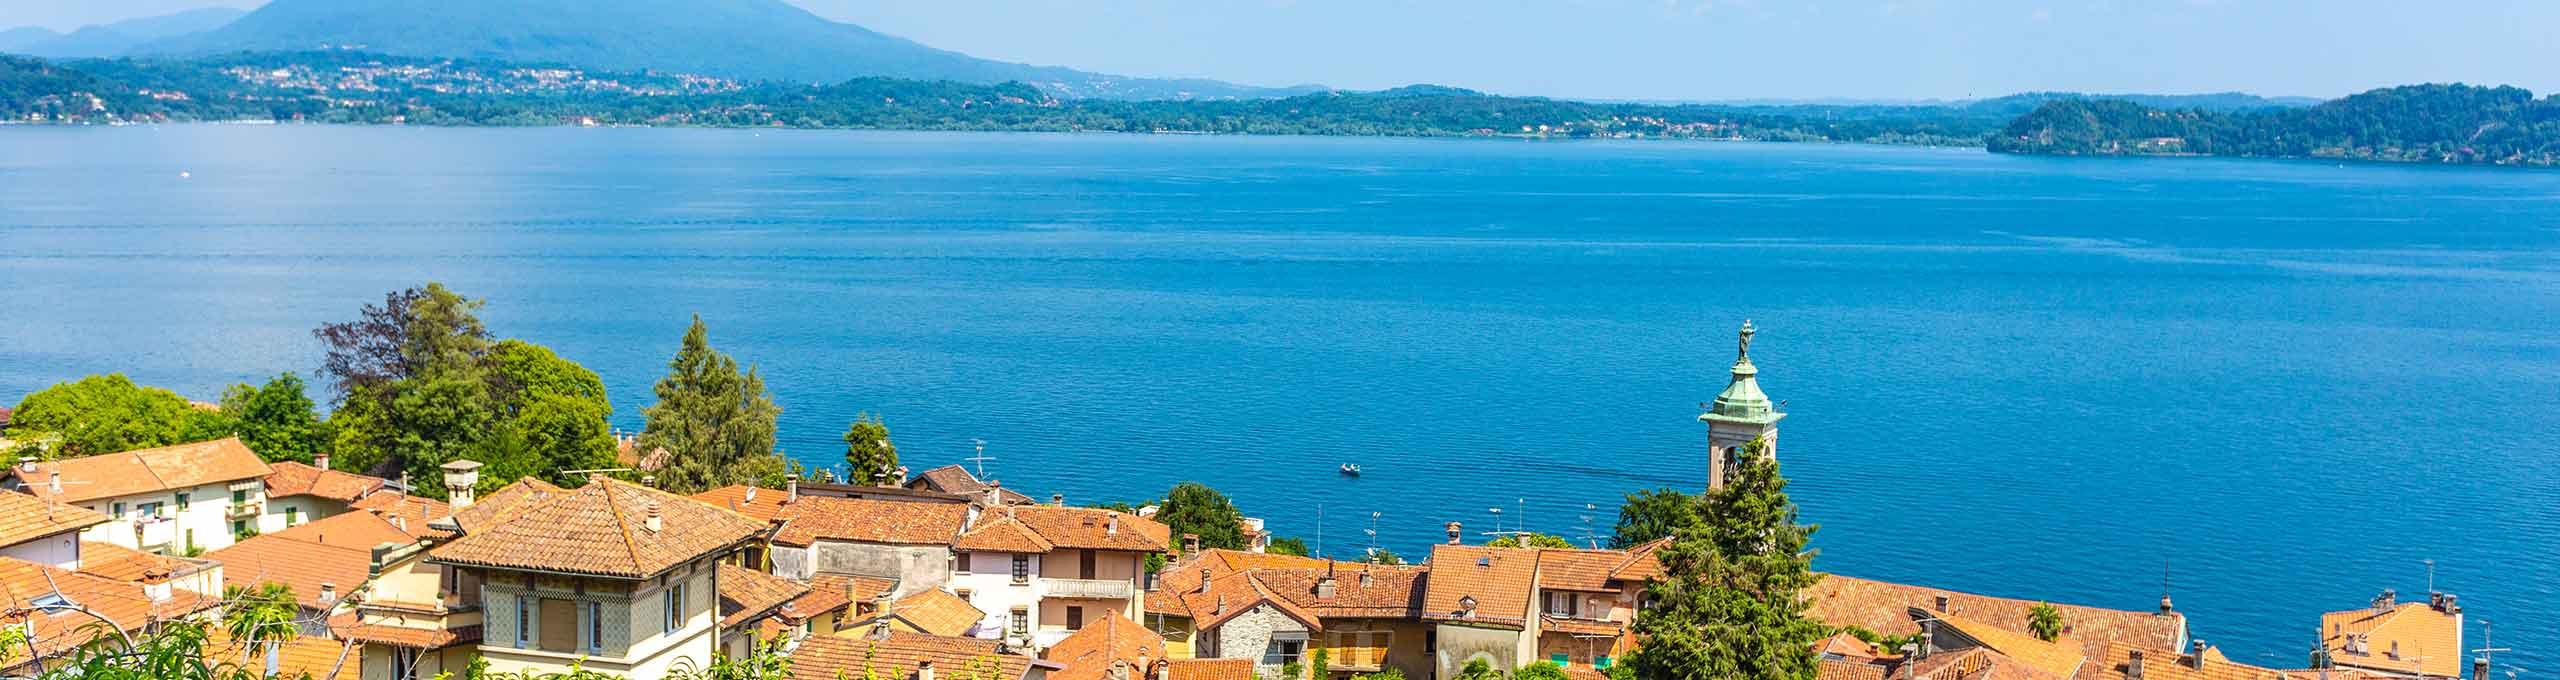 Belgirate, Lago Maggiore